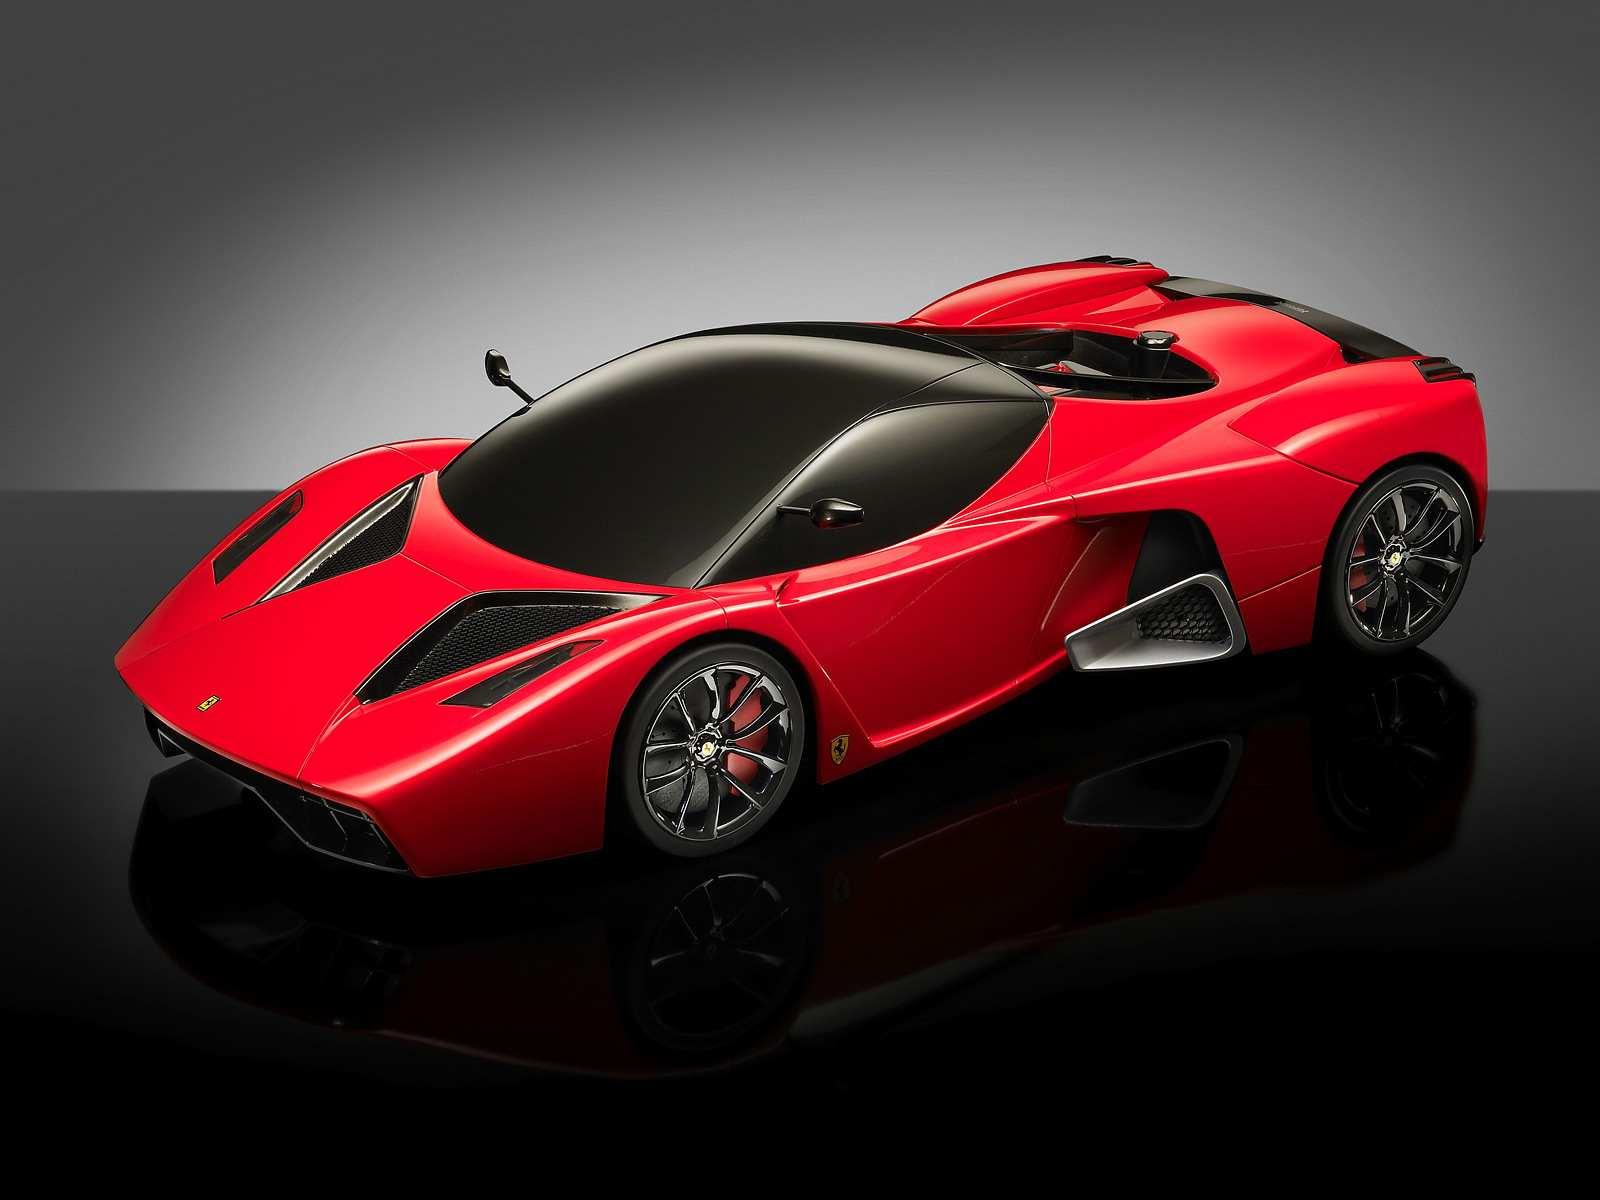 ferrari_concept_car_1